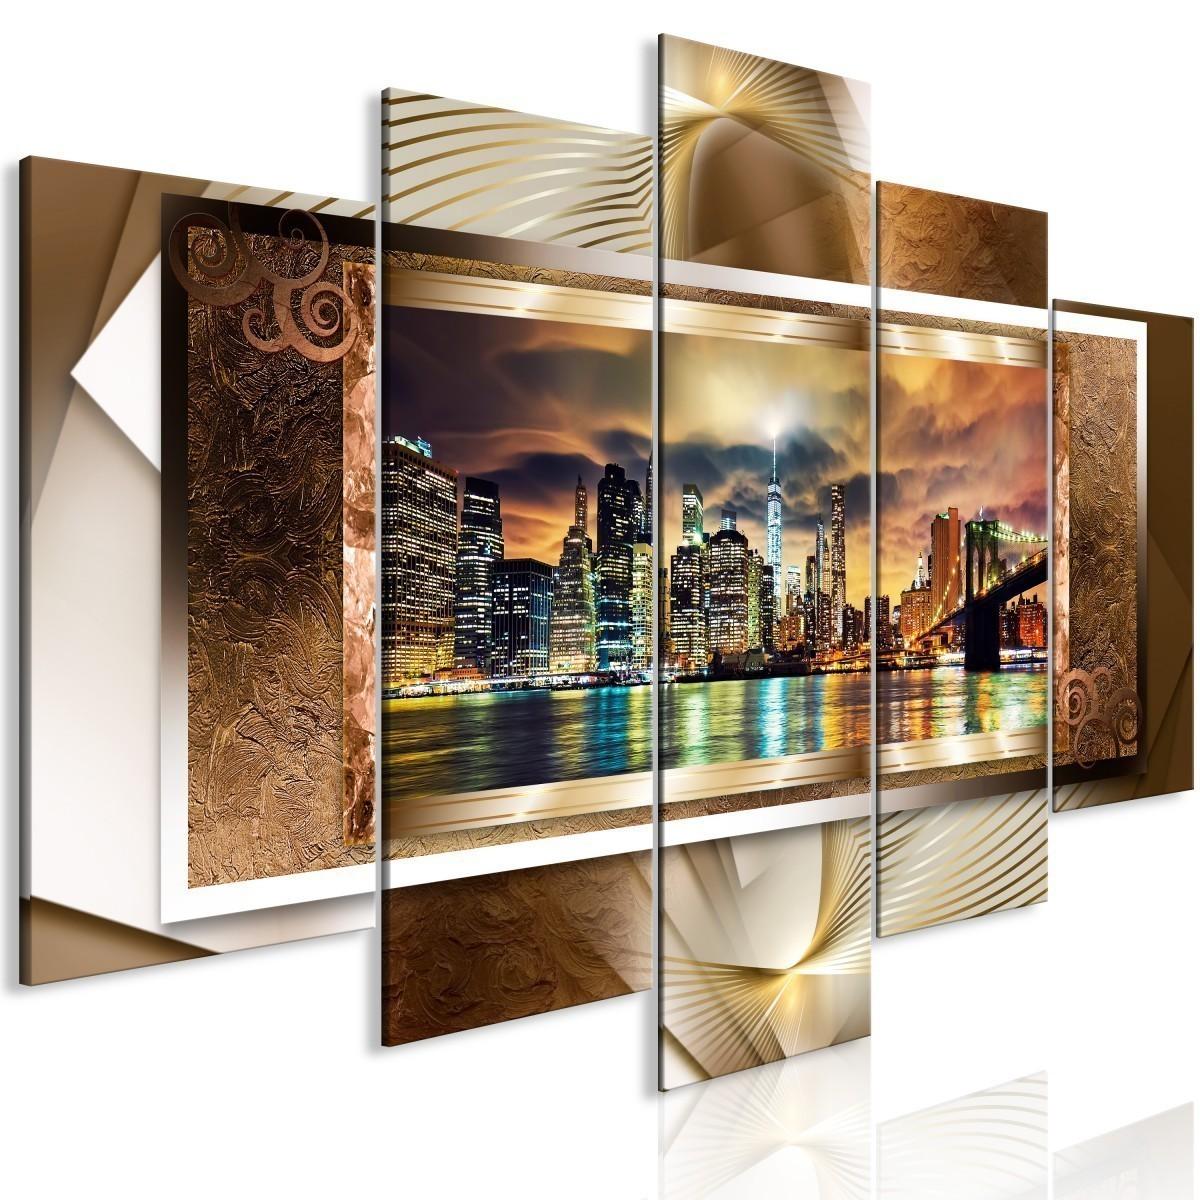 Obraz Potęga Manhattanu 5 Częściowy Szeroki Złoty